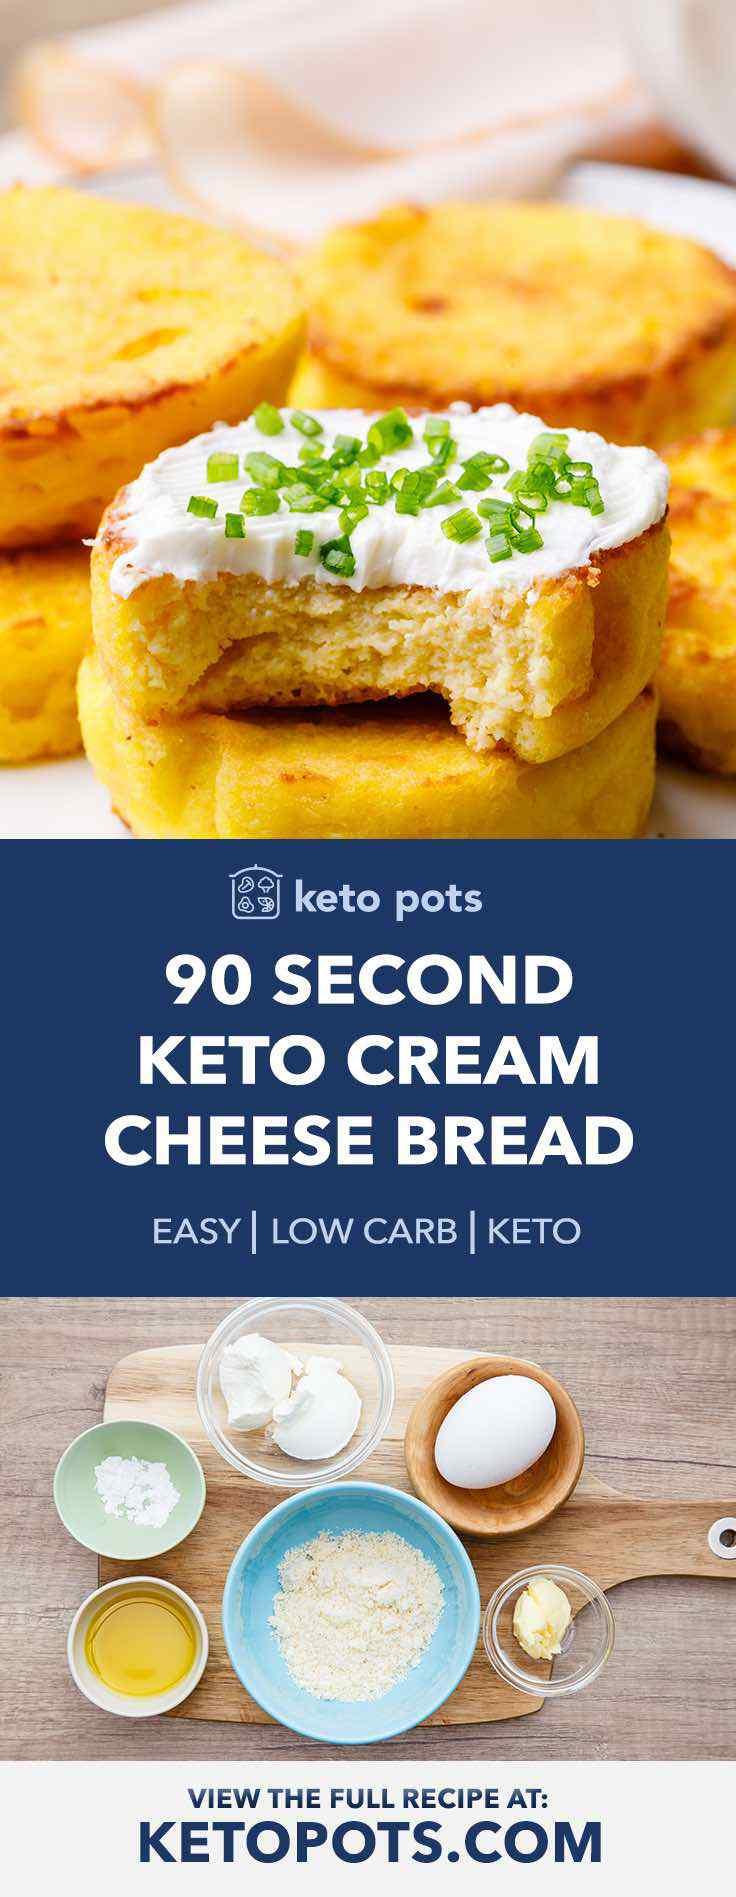 90 Second Keto Cream Cheese Bread